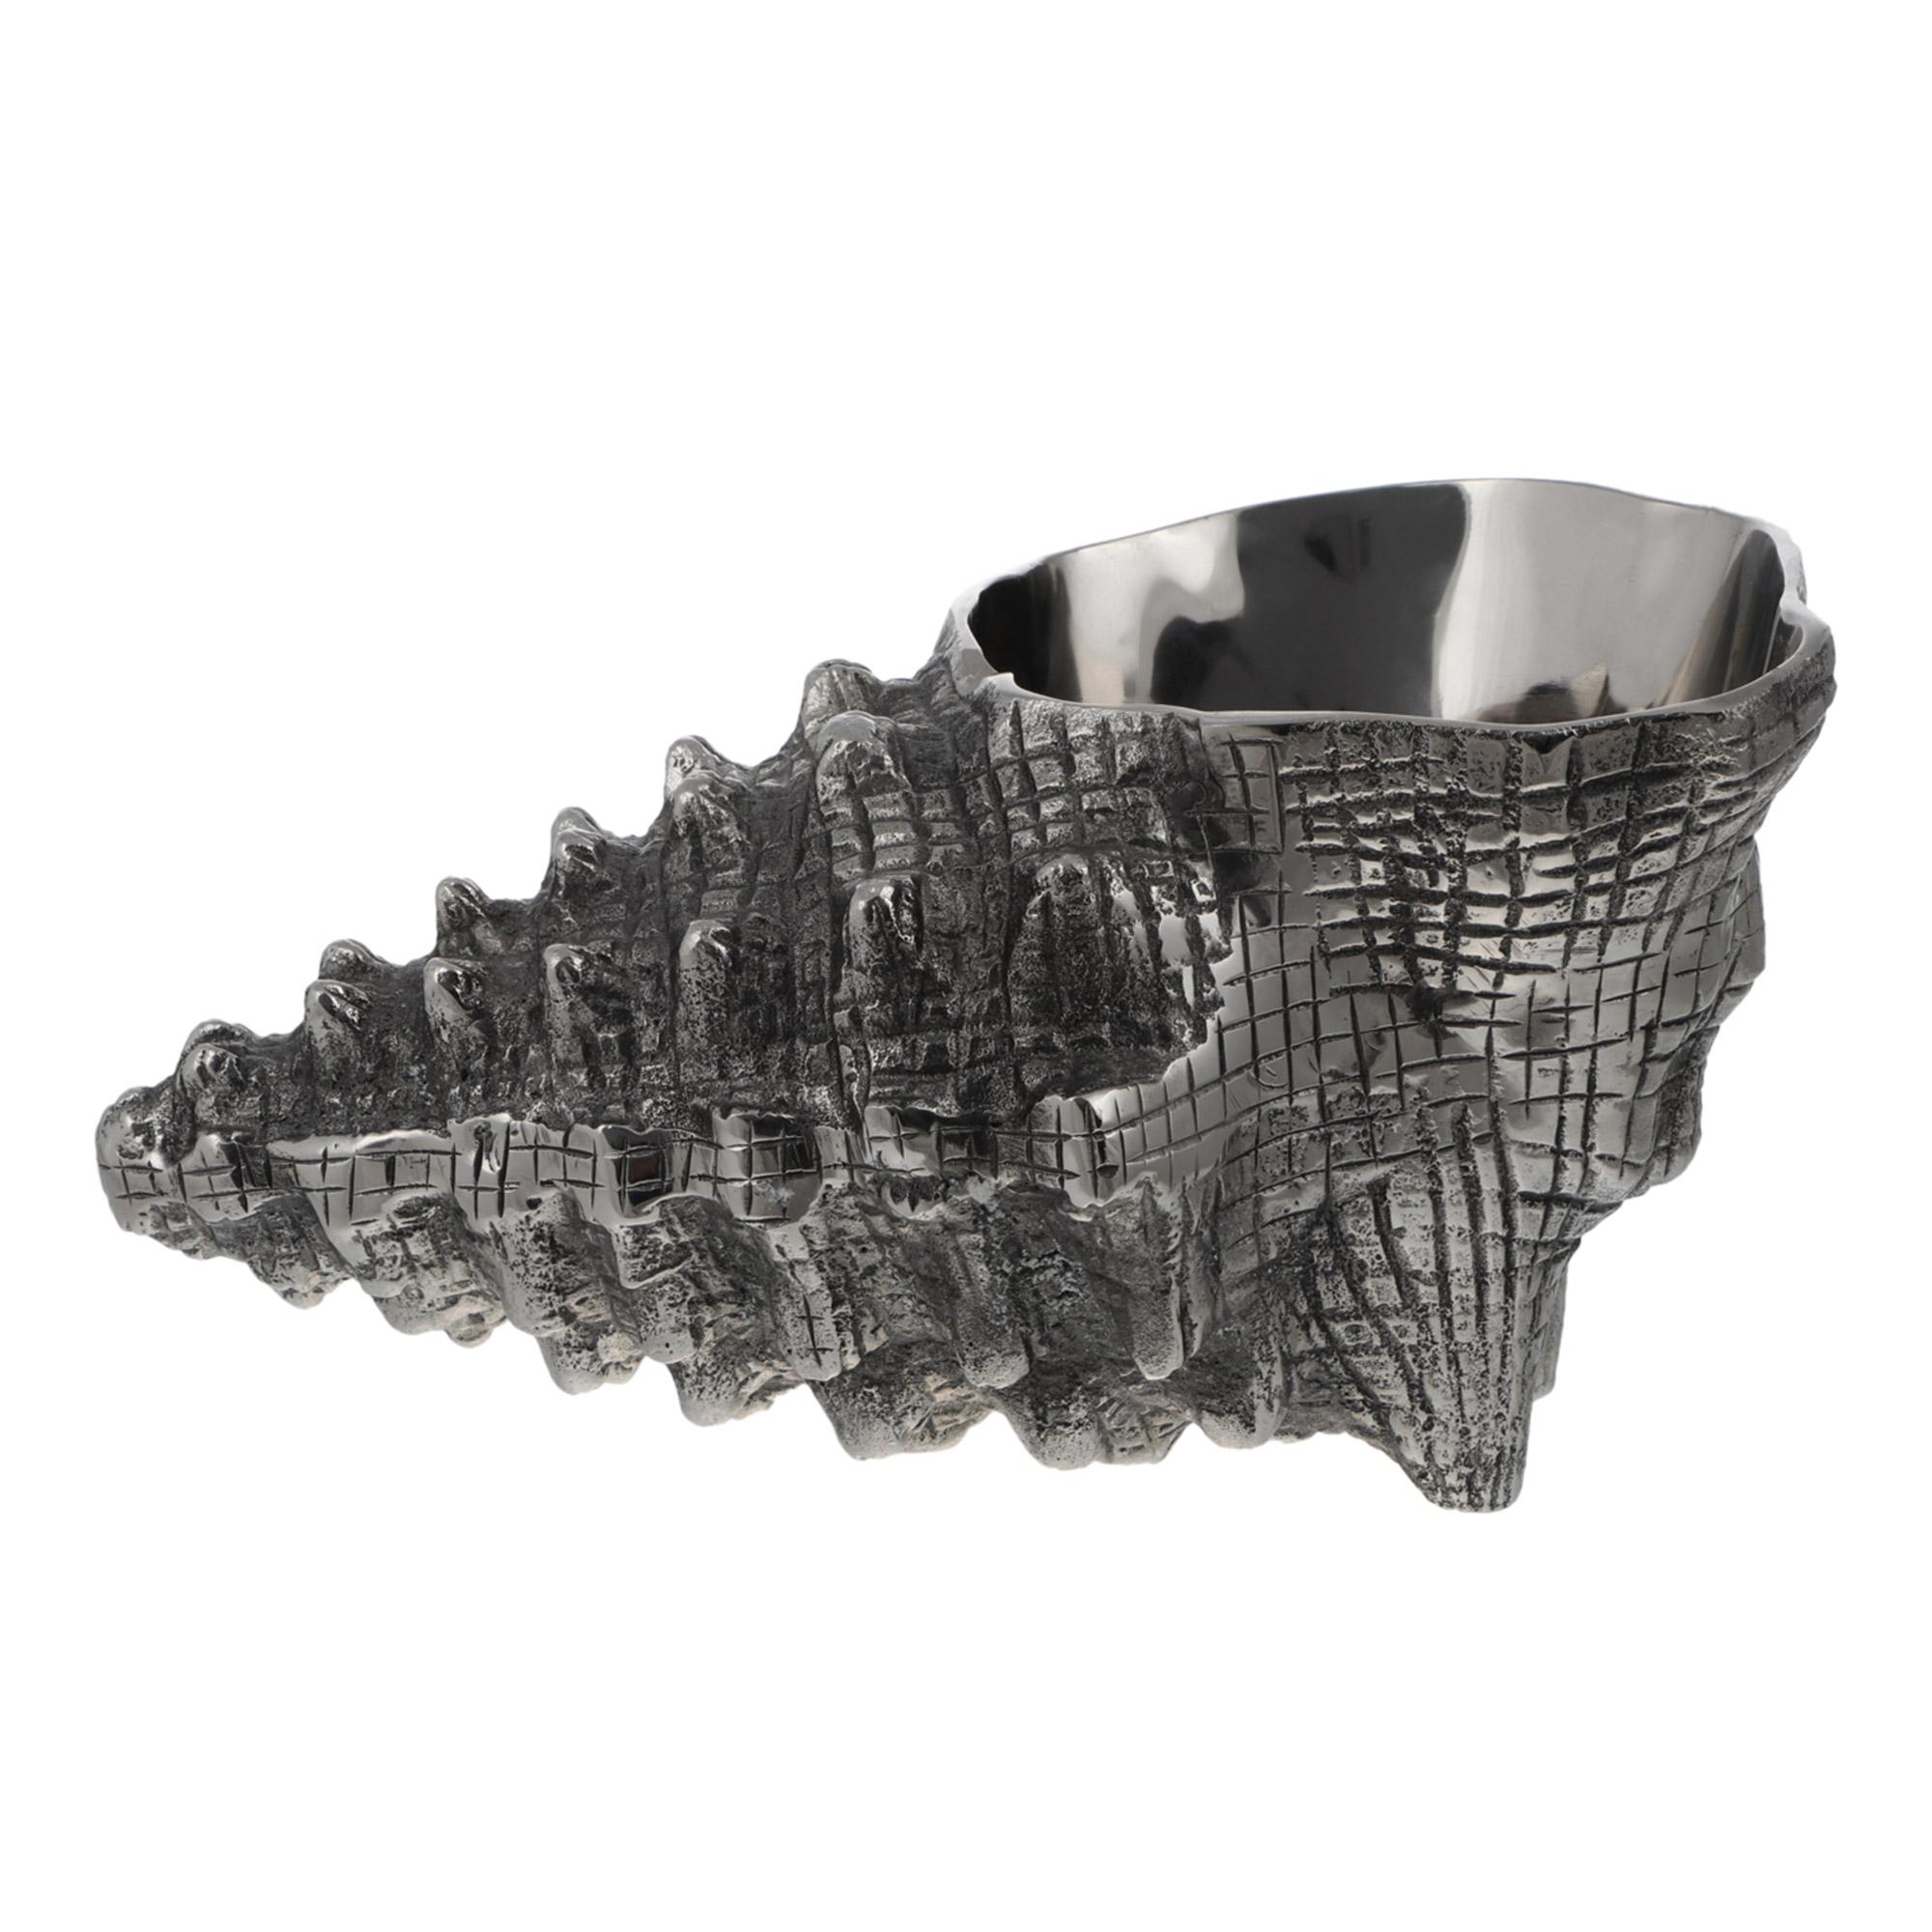 Купить Декоративная раковина морская Universal ark shell 30х19х15, Индия, алюминий